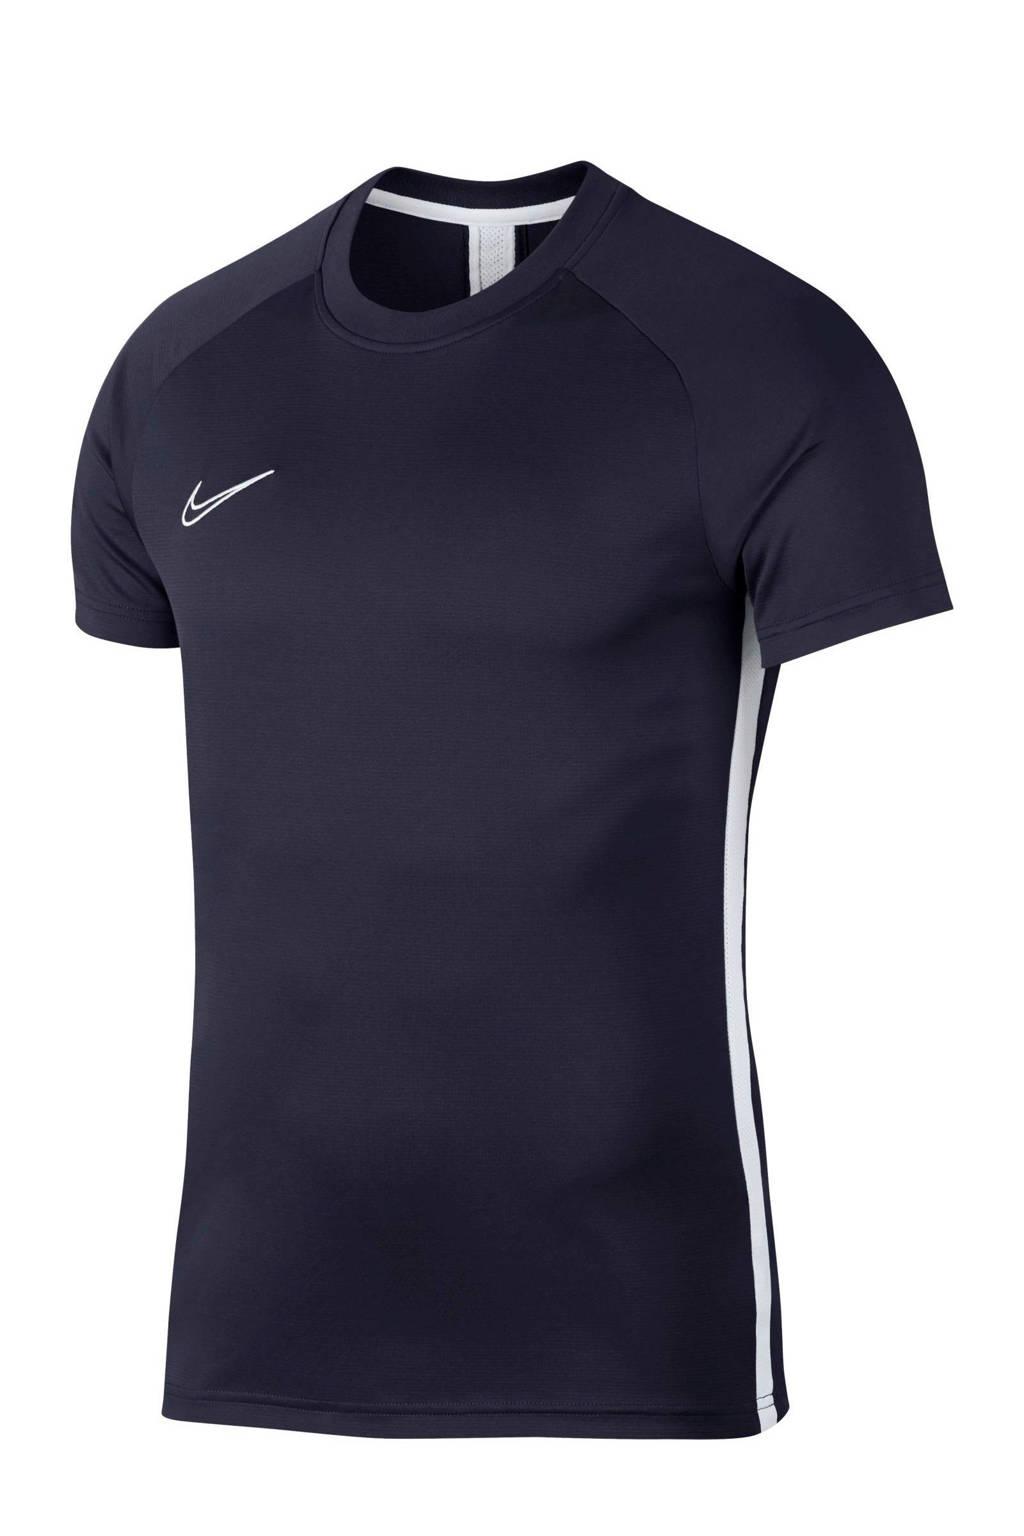 Nike   voetbalshirt donkerblauw, Donkerblauw